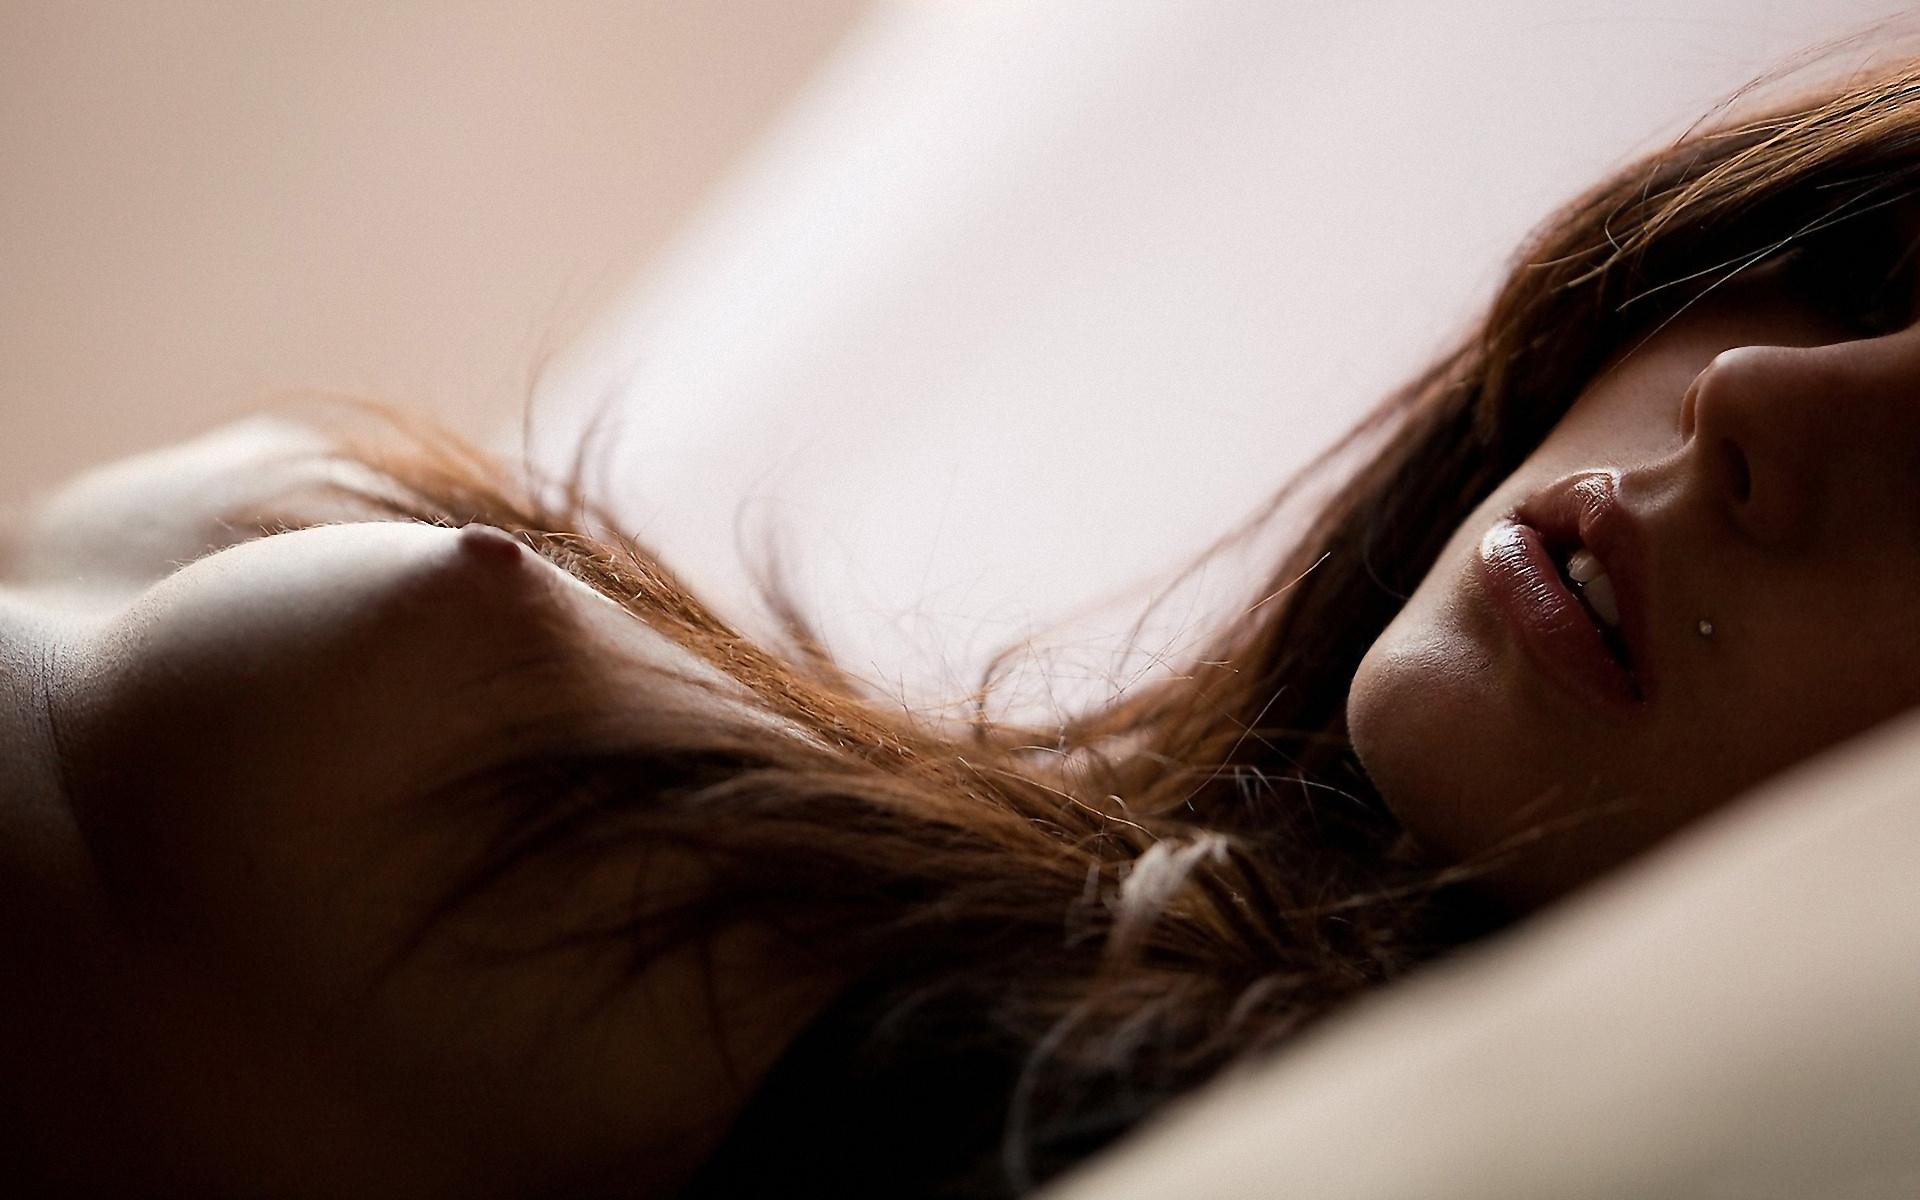 Фото Соблазнительная девушка с нежной обнаженной грудью, сладкие блестящие губы, нежные соски, волосы на сиськах. Hair on the tits, sweet lips, naked girl on the bed, скачать картинку бесплатно